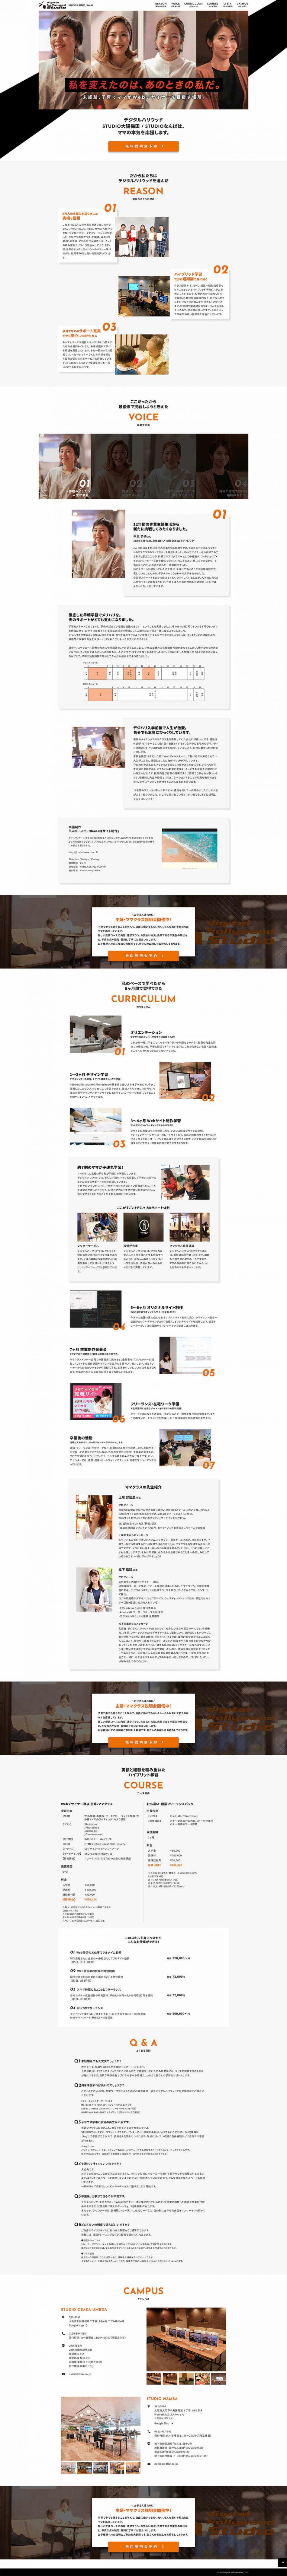 デジタルハリウッド大阪校LPウェブサイトPCイメージ